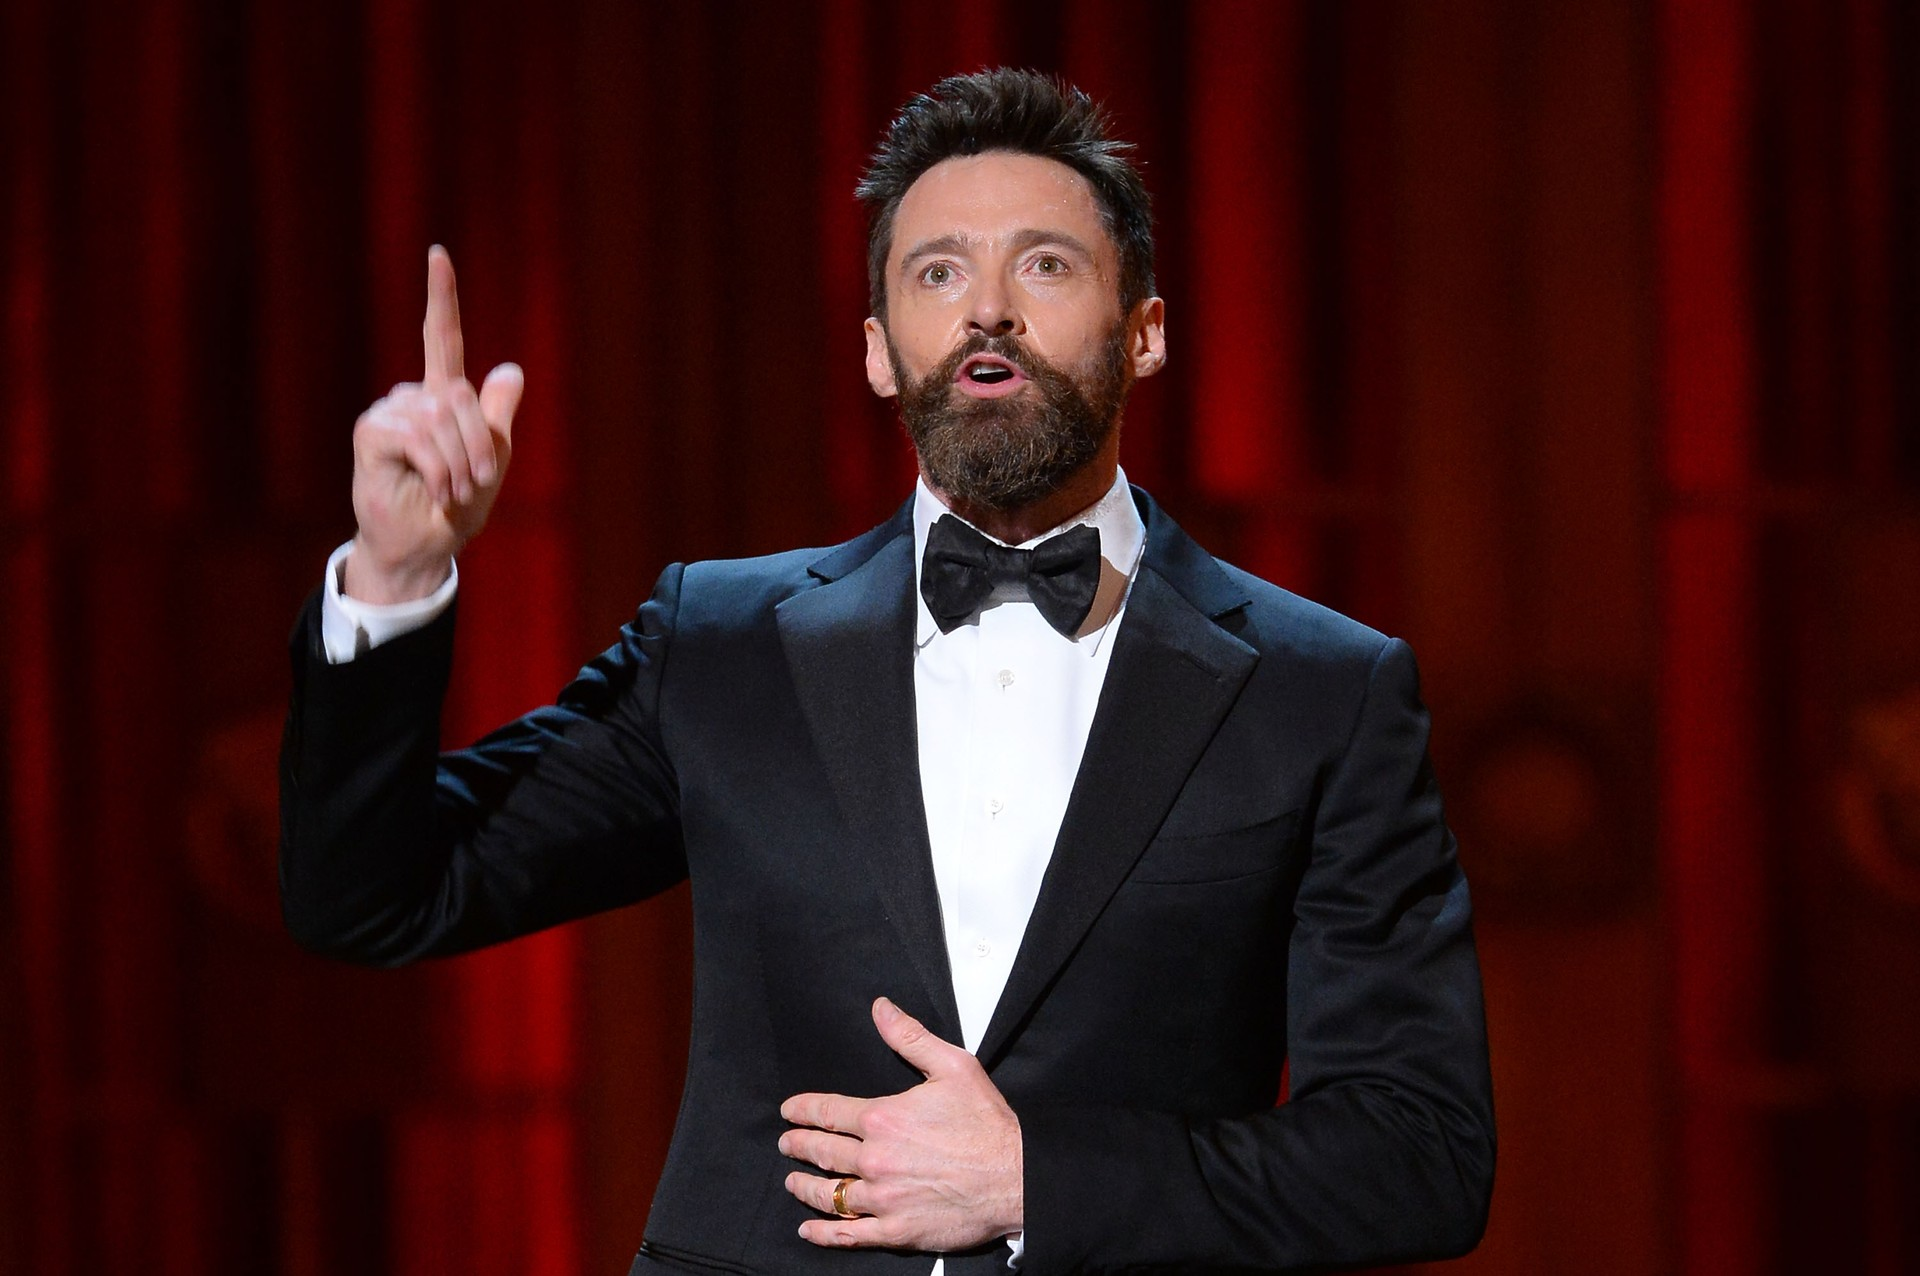 """O ator, conhecido pelo seu papel como Wolverine na franquia de 'X-Men', passou por duas cirurgias para remover o câncer de pele no nariz e acredita que ainda passará por outras. """"Sou realista quanto ao futuro e é provável que eu me submeta a, pelo menos,  (Foto: Getty Images)"""